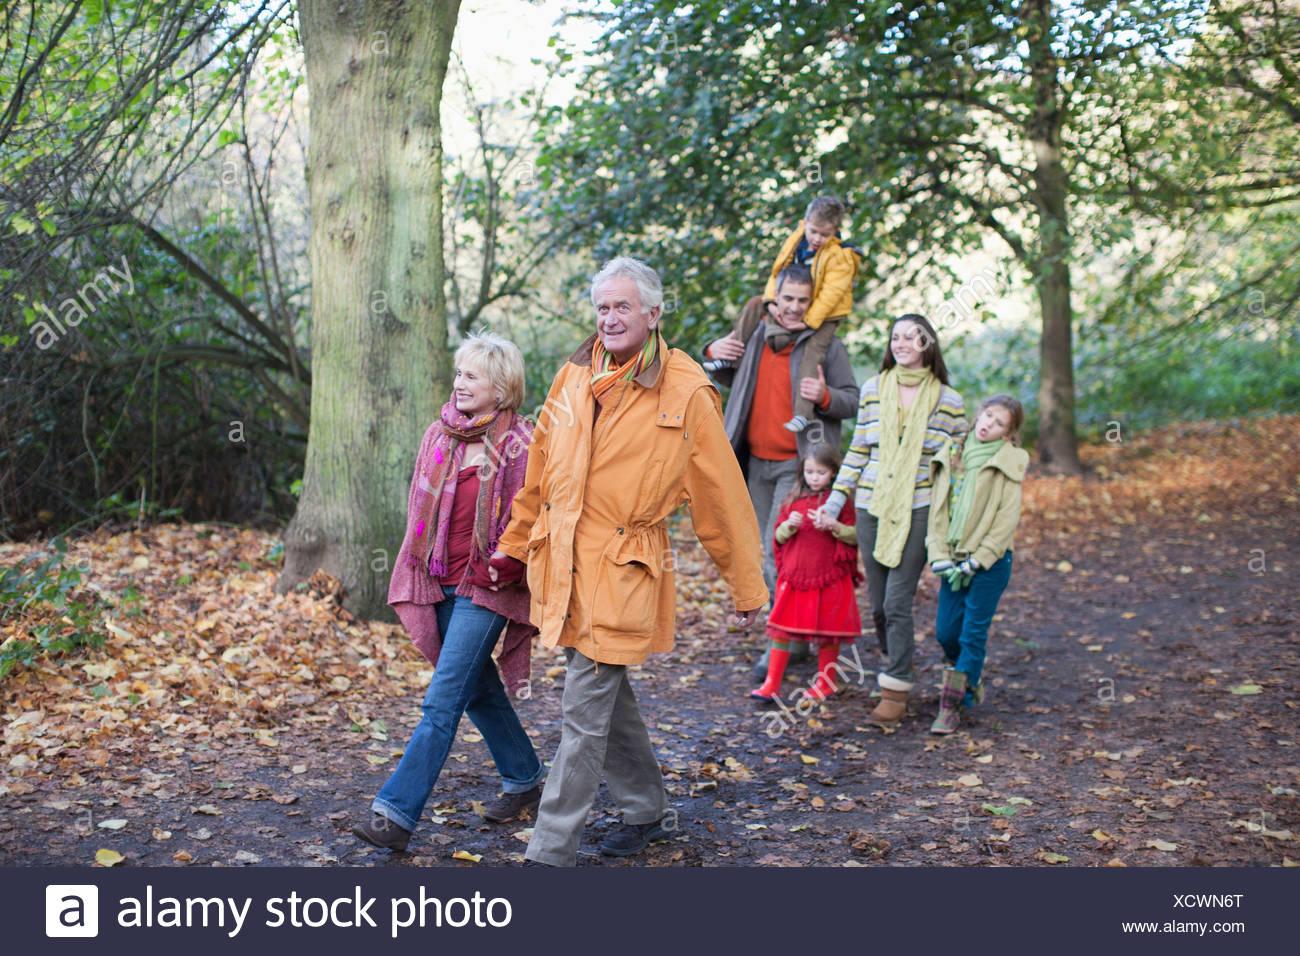 Famiglia estesa passeggiate all'aperto in autunno Immagini Stock